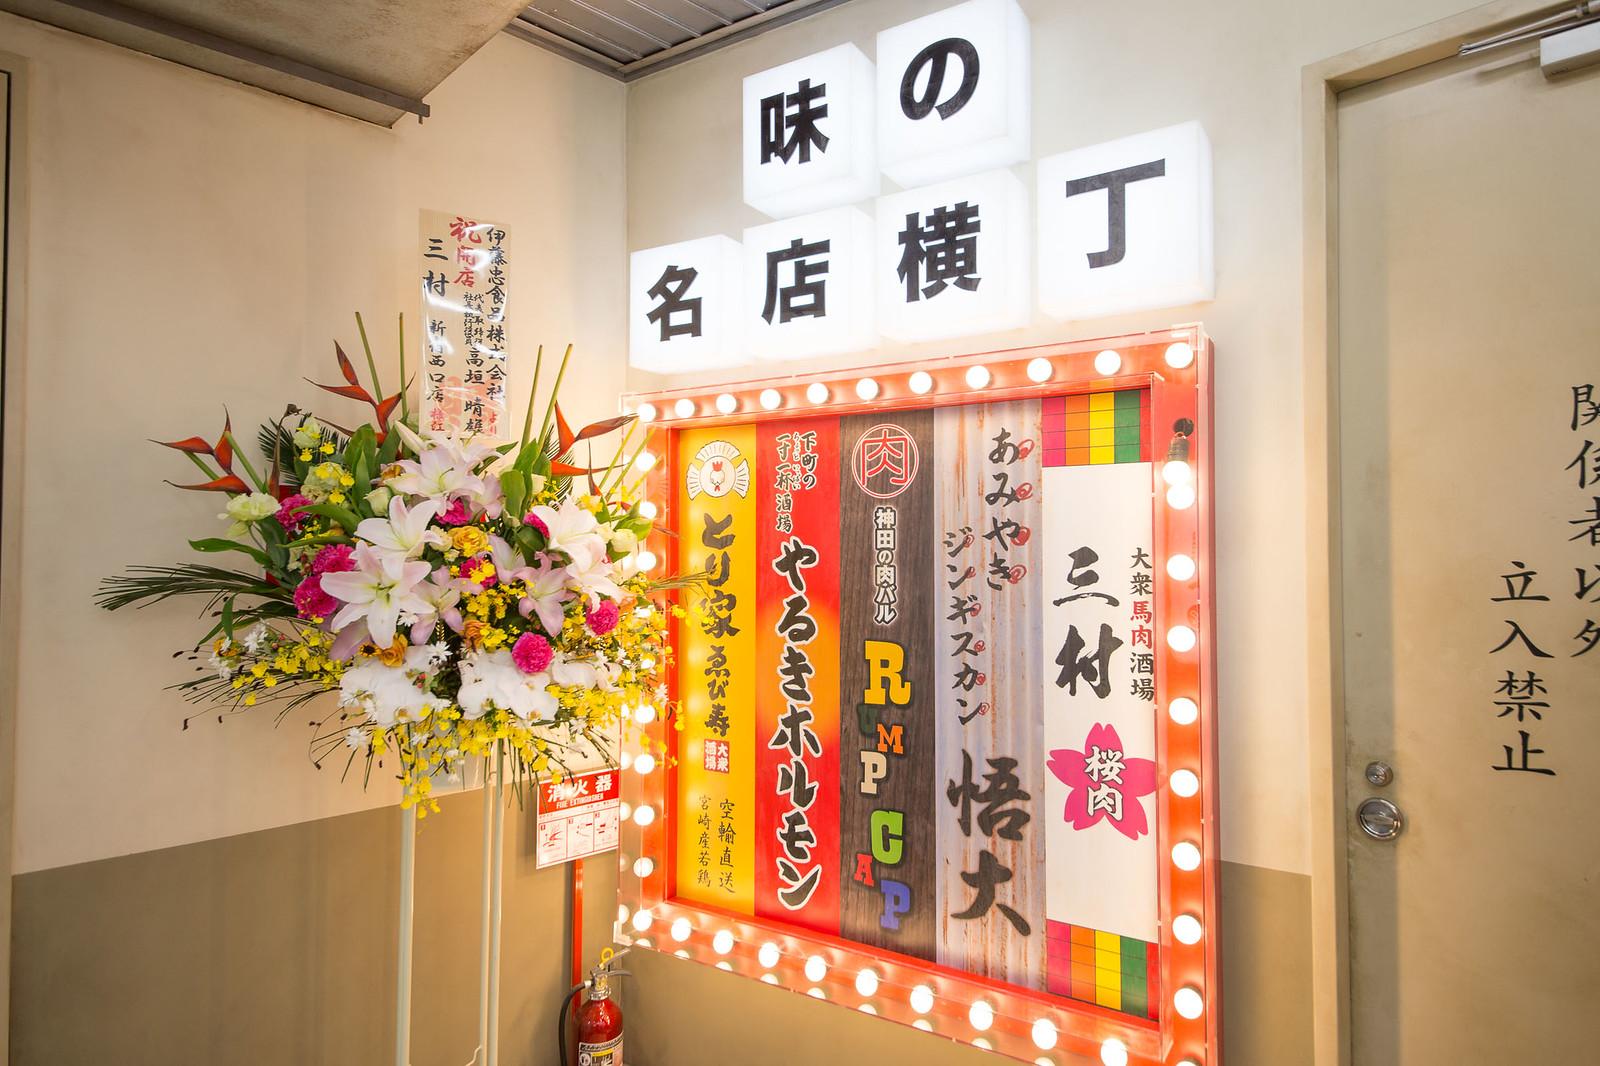 Shinjuku_meiten_yokocho-4